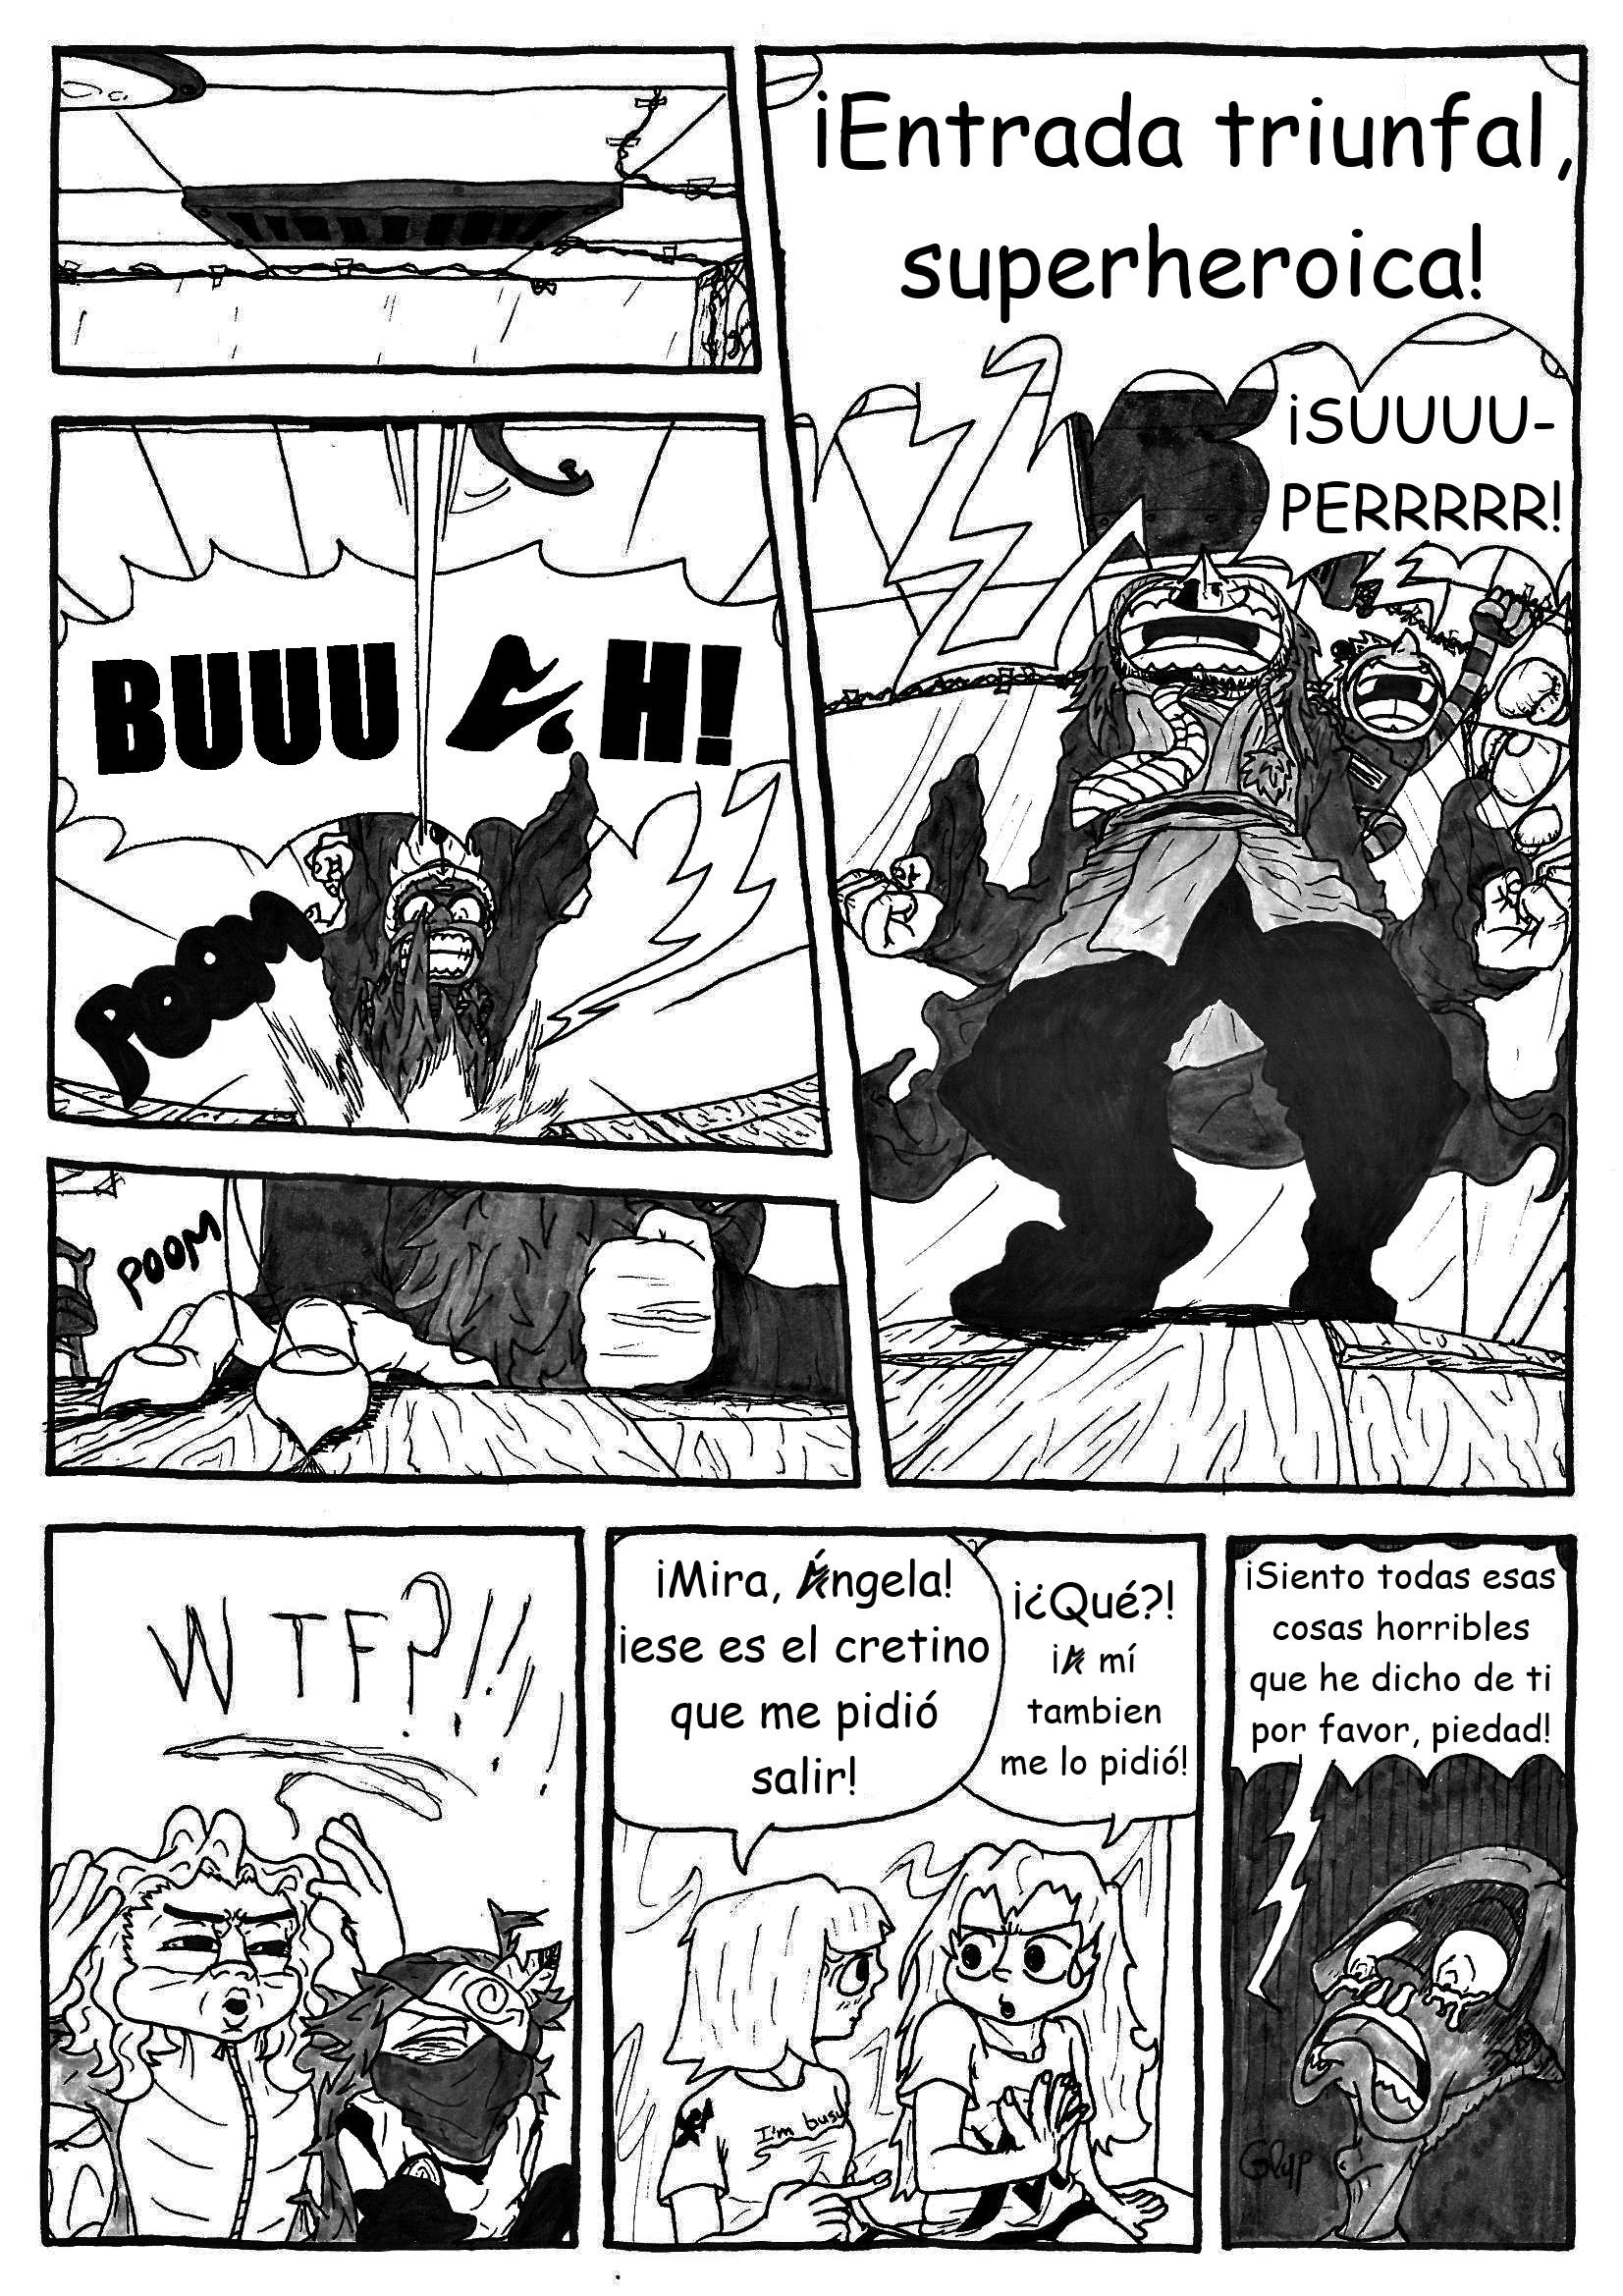 Avatar_03_J_Angel_Casado_Fuster_pagina00025